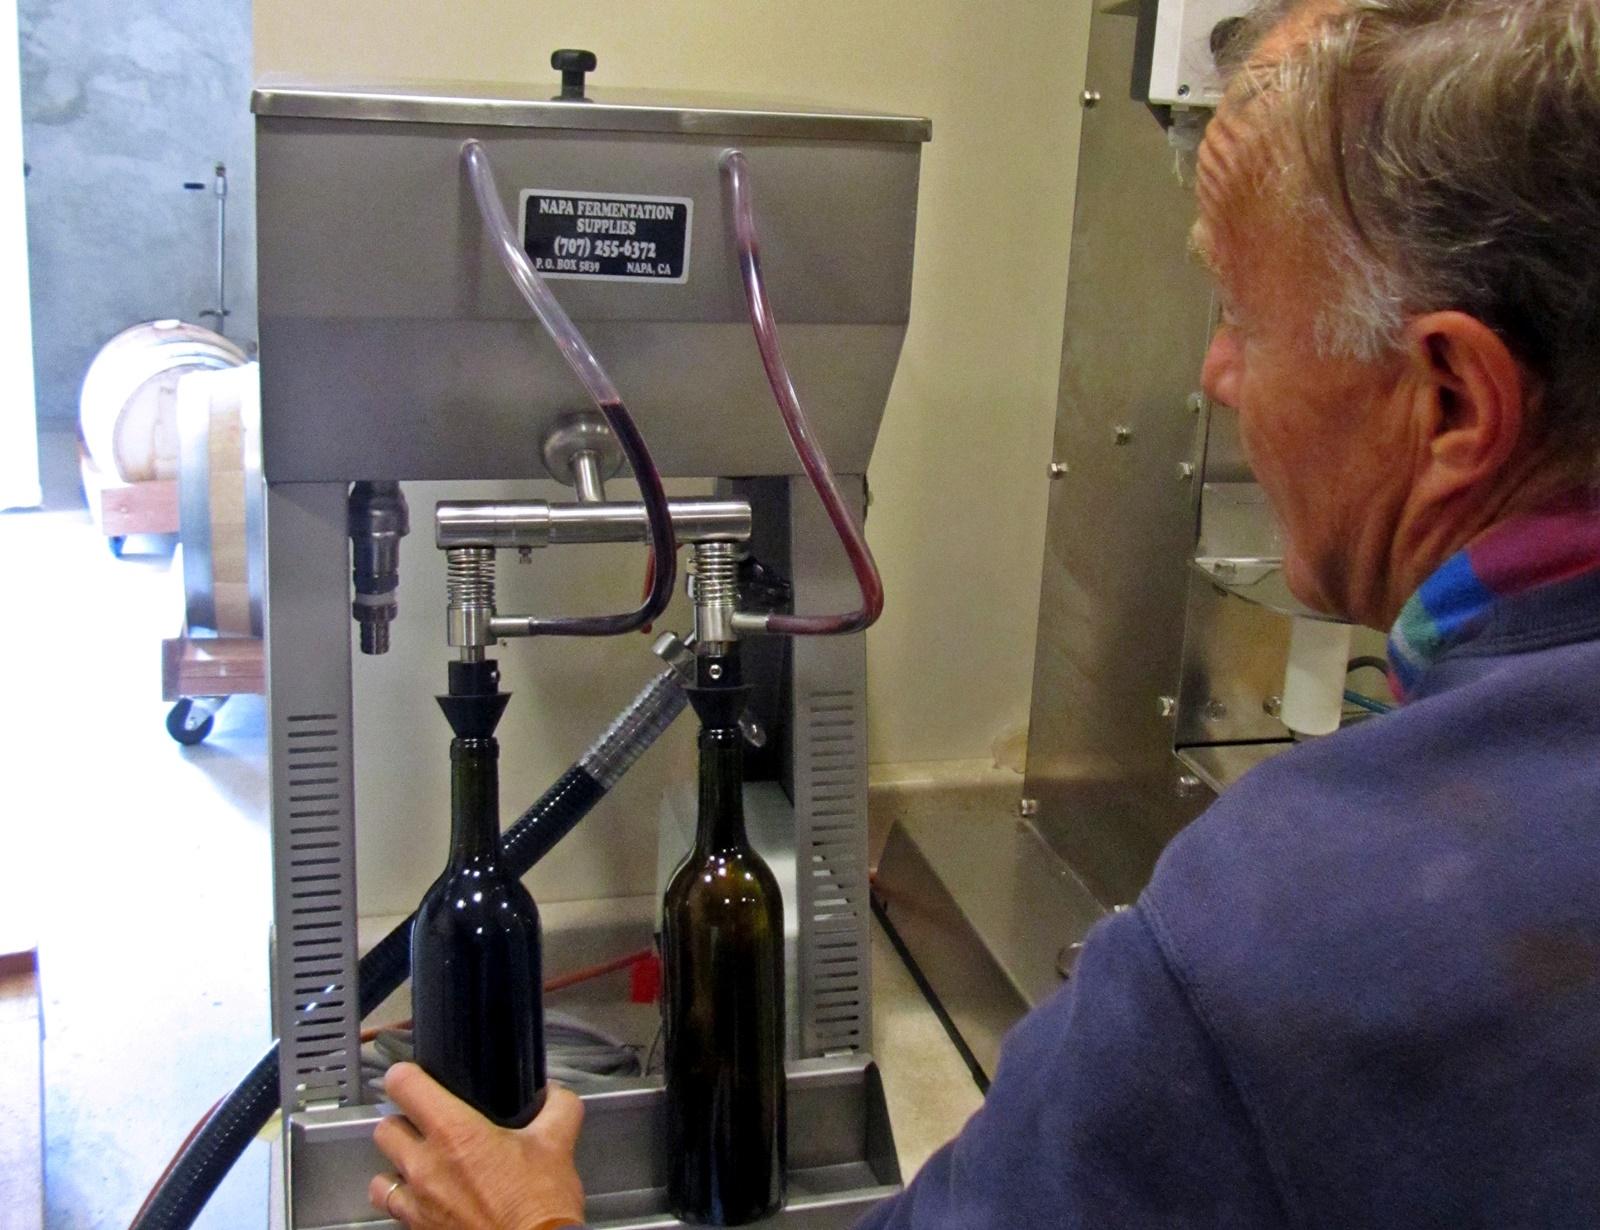 1 Filling the bottles